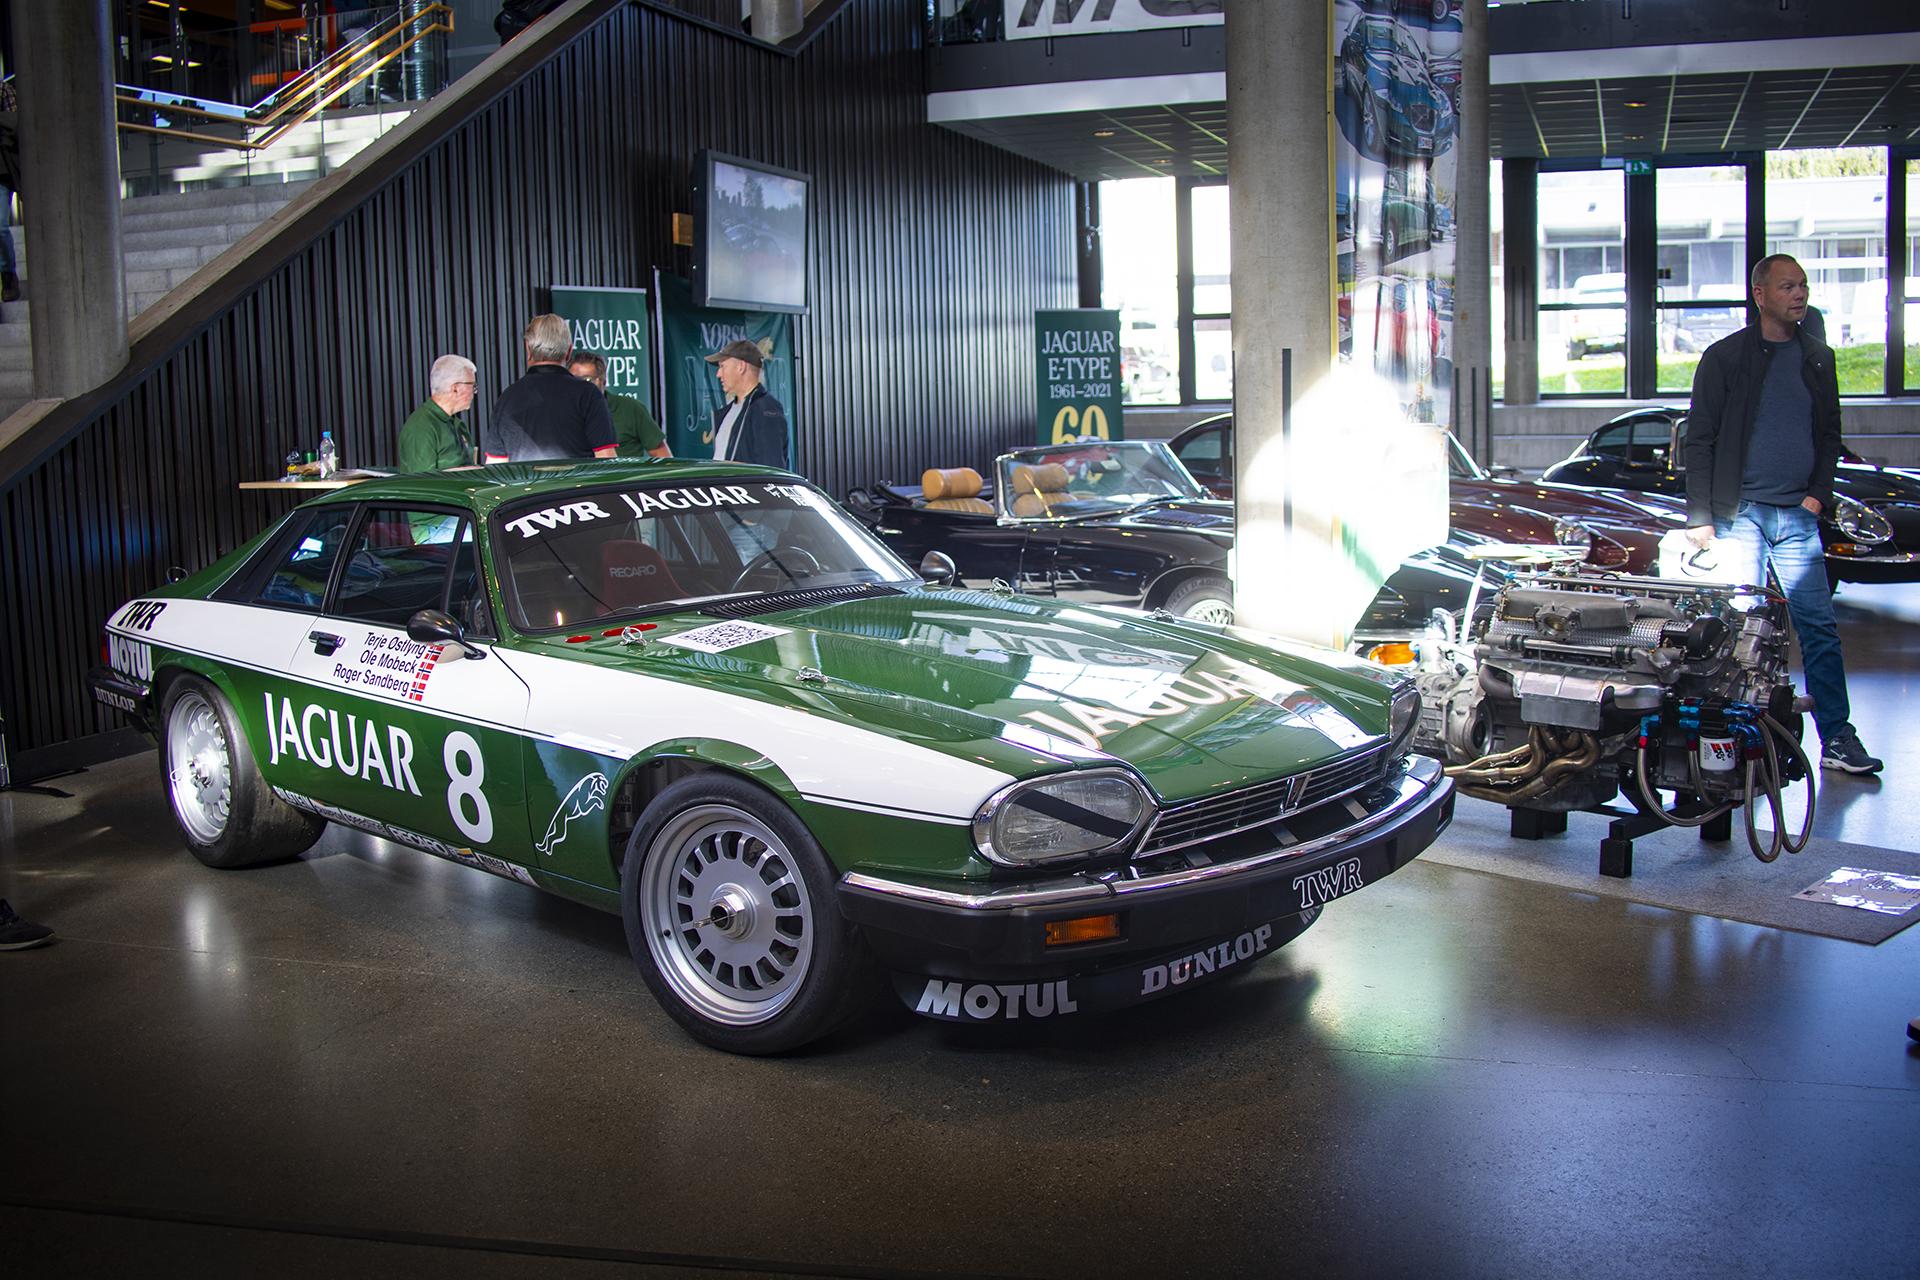 Ved inngangen hadde Ole Mobeck og Terje Østlyng rigget frem sitt Jaguar XJS TWR-tribute-prosjekt